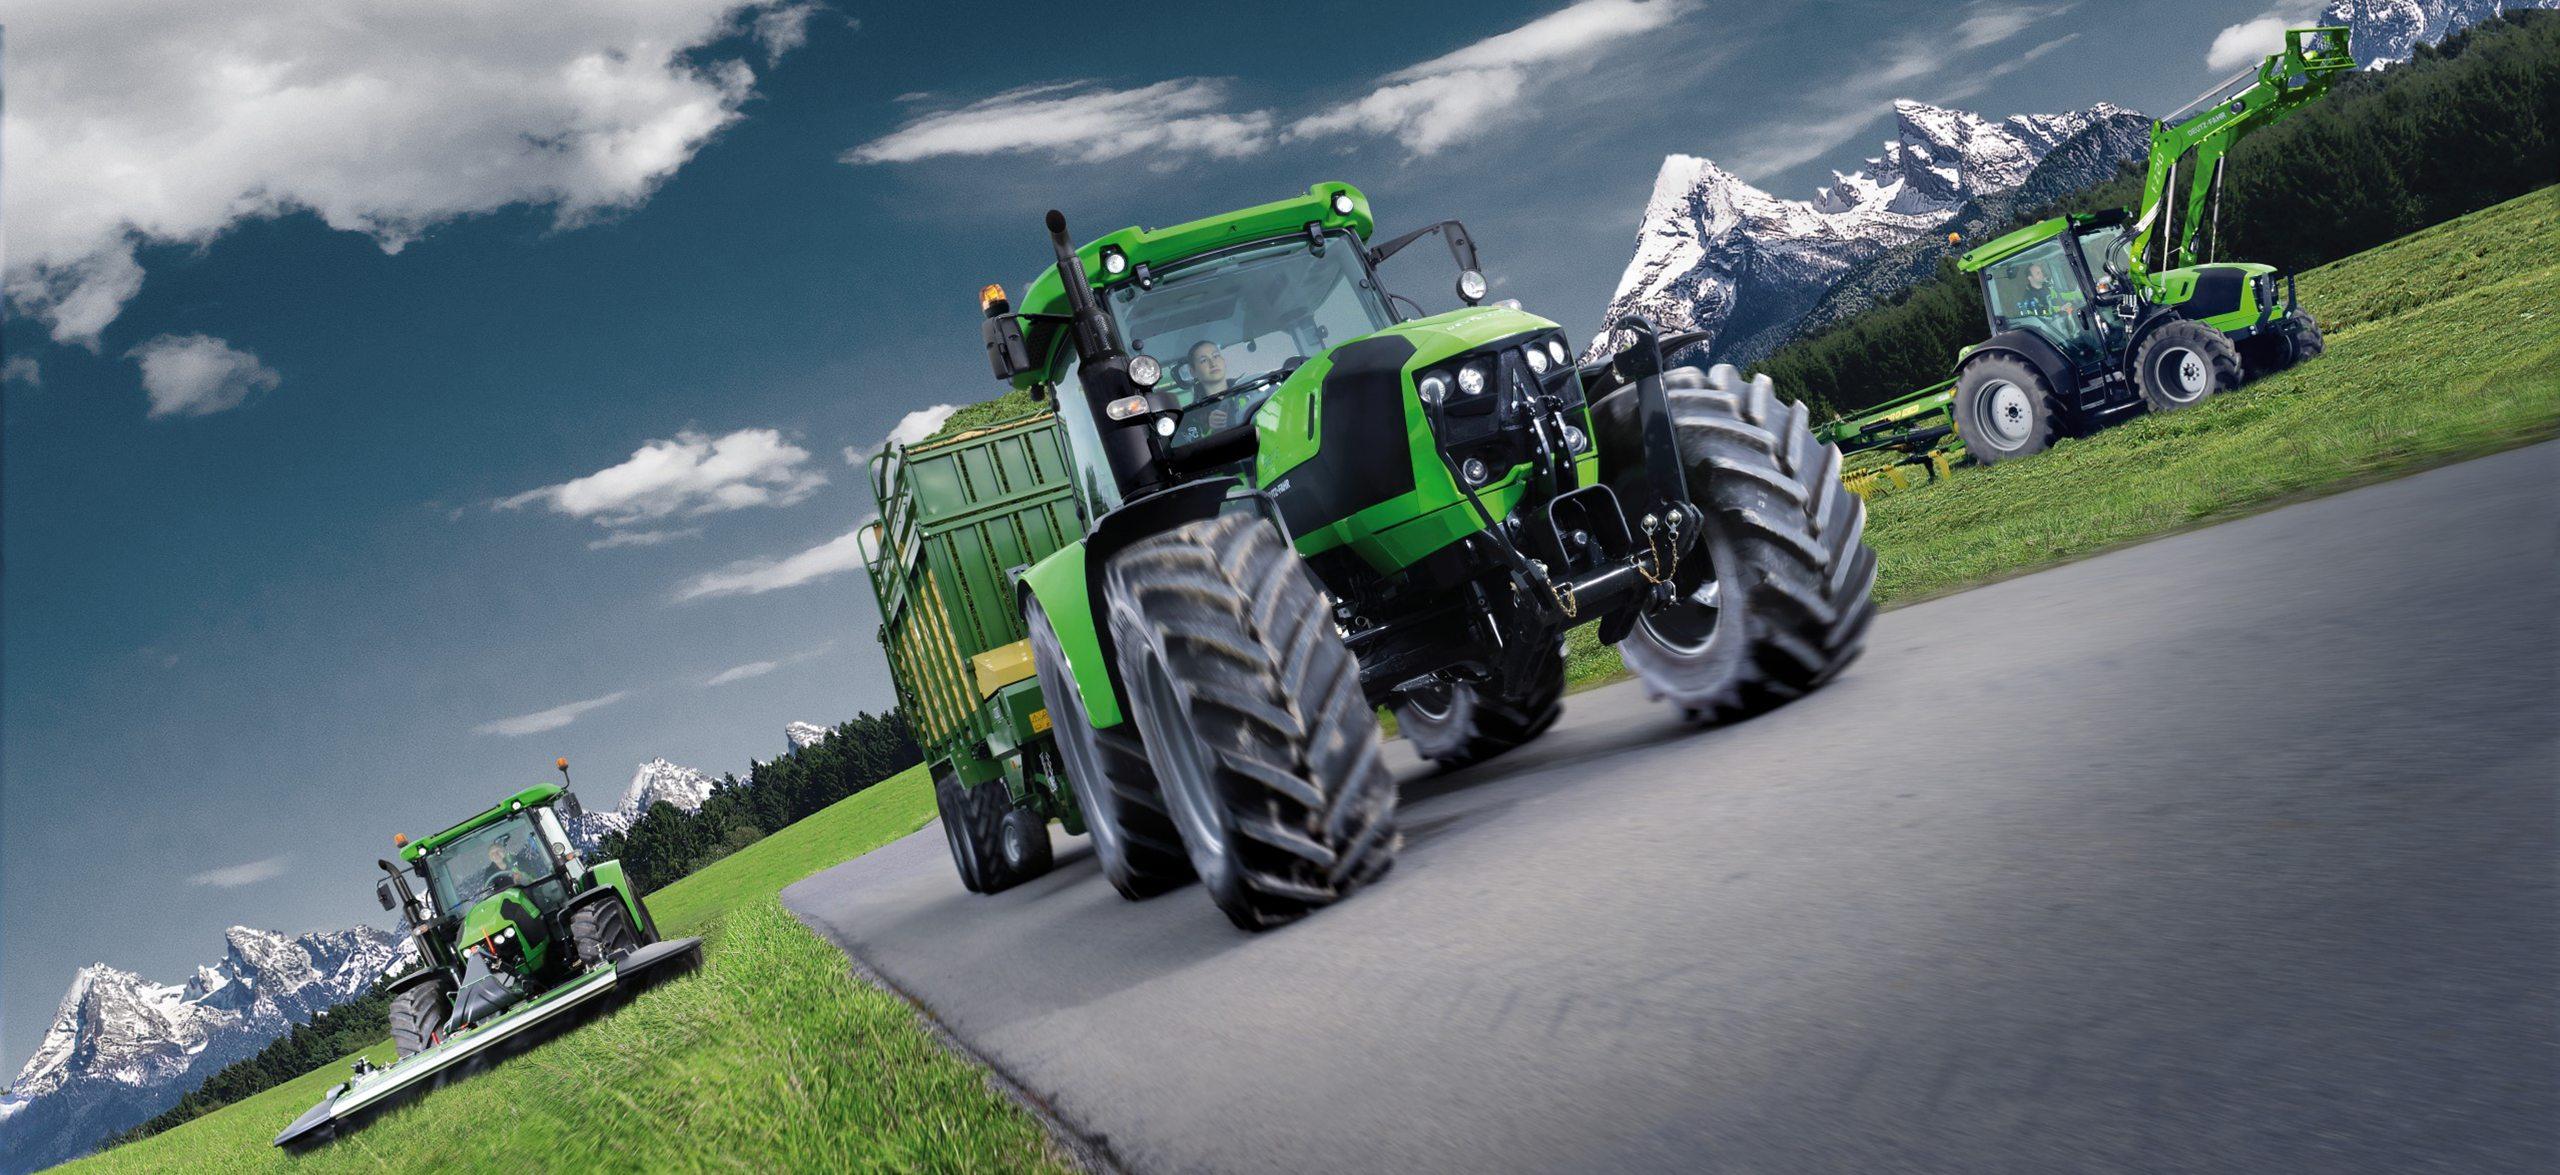 Drei Traktoren der Serie 5G (Tier 4 Final) mit Ladewagen, Frontmähwerk und Frontlader auf Straße und Wiese im Einsatz.